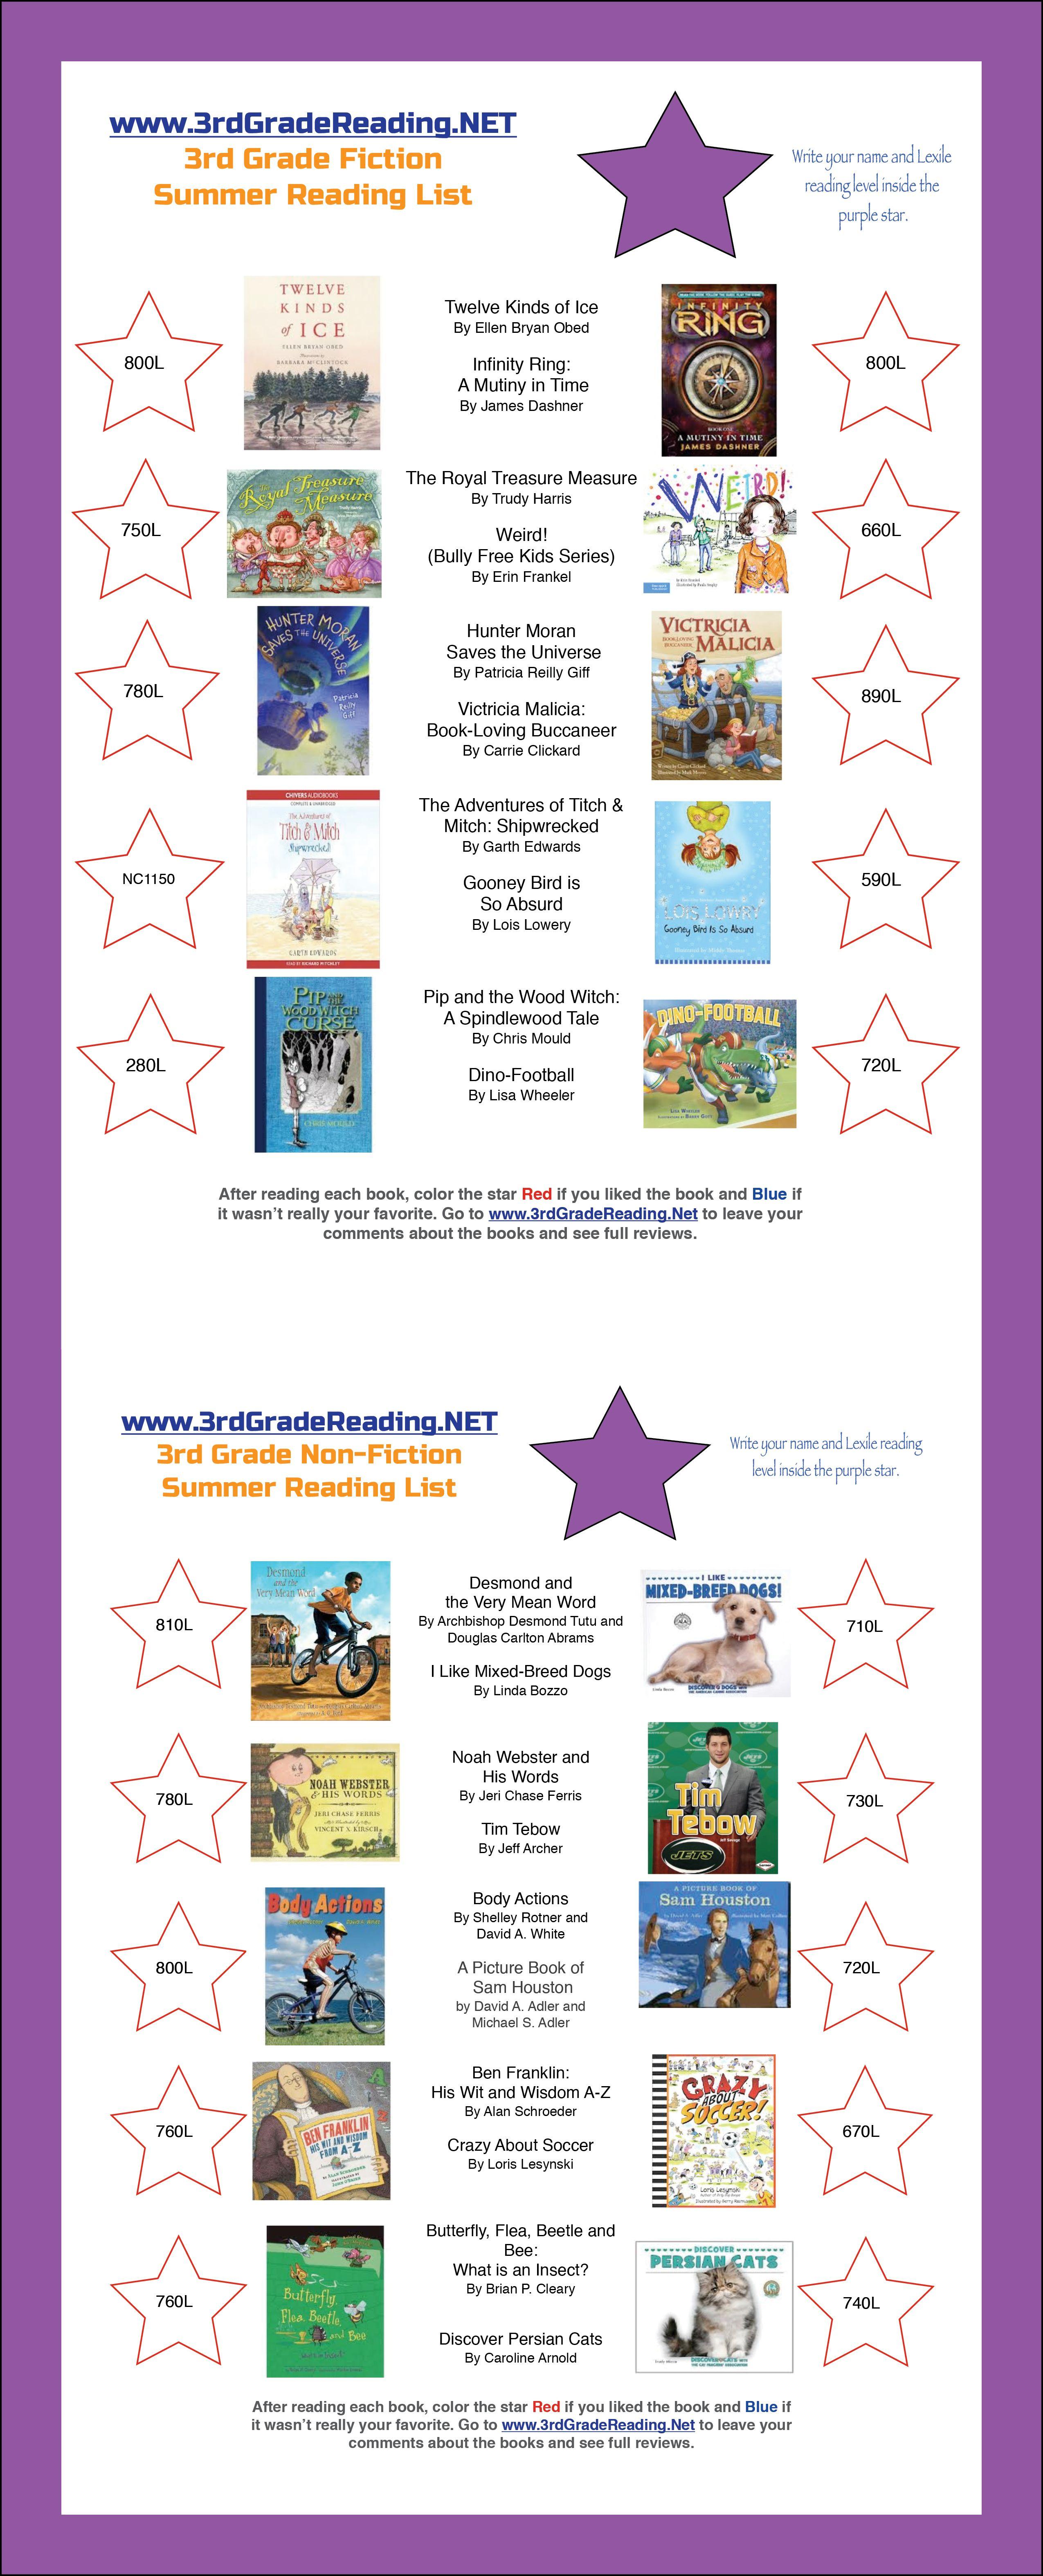 3rd grade summer reading lists from 3rdgradereading. free